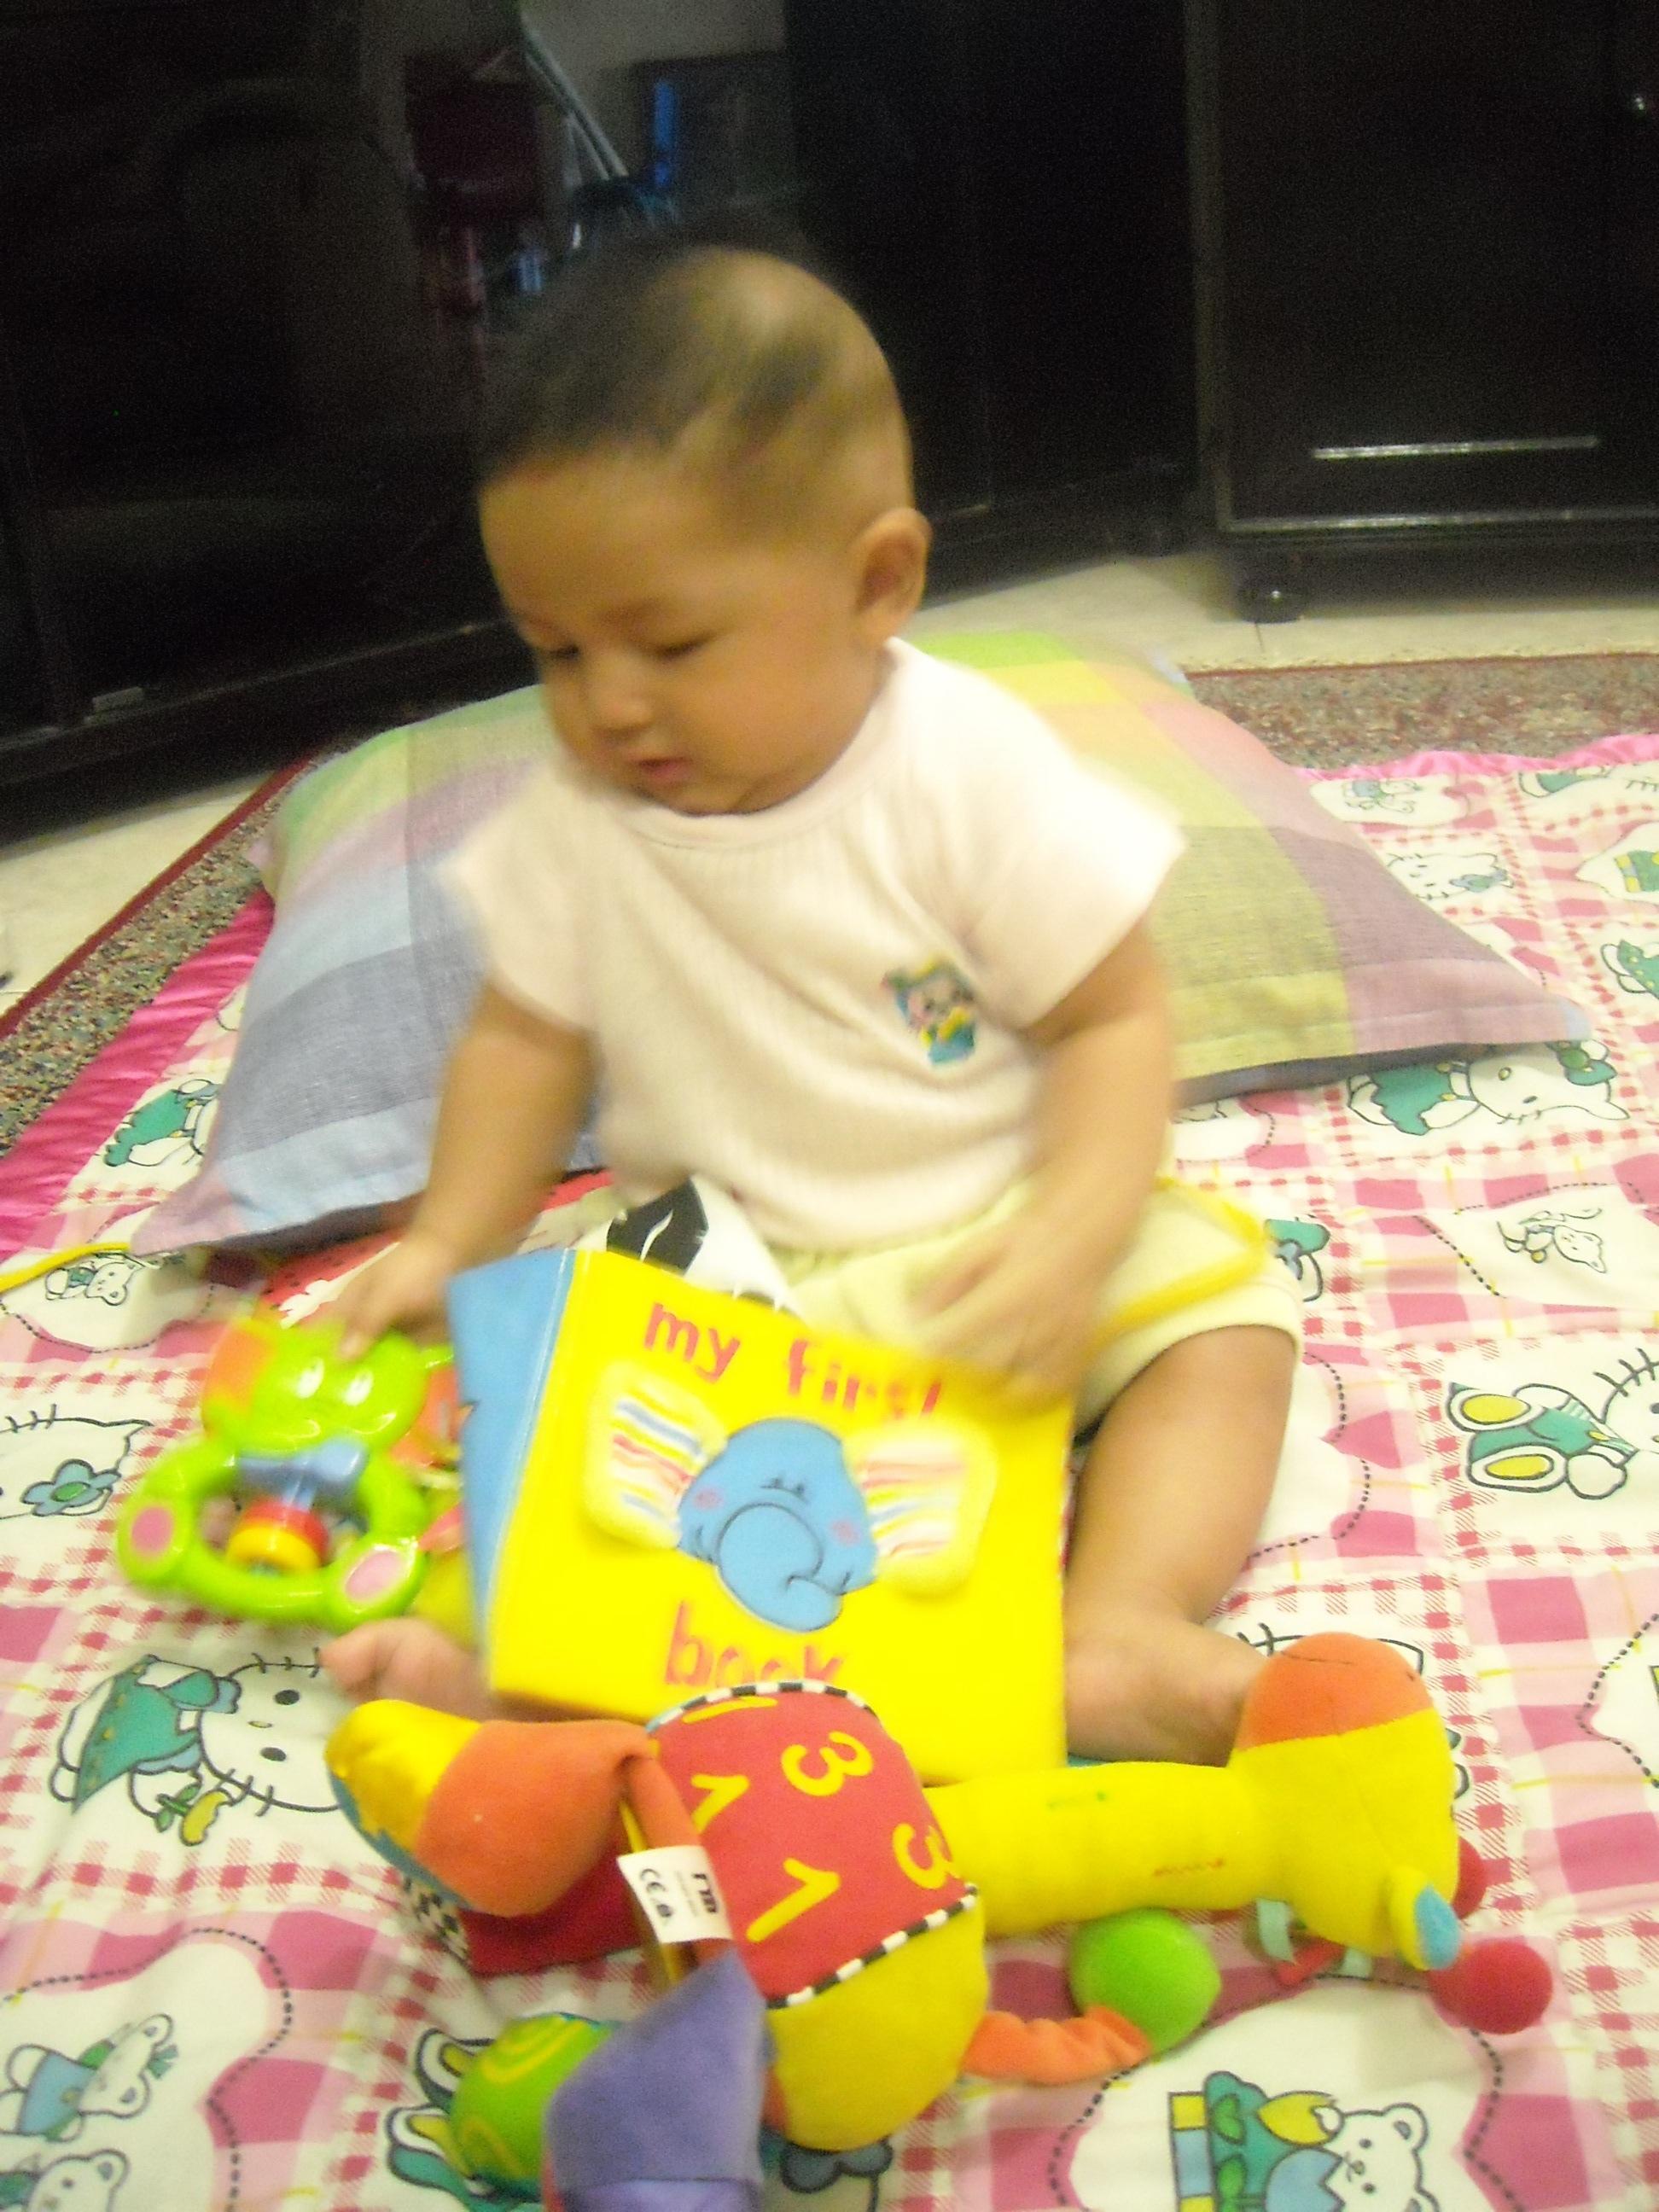 aktivitas bersama buku dan mainan membuat anak merasa bahwa buku adalah benda yang menyenangkan seperti